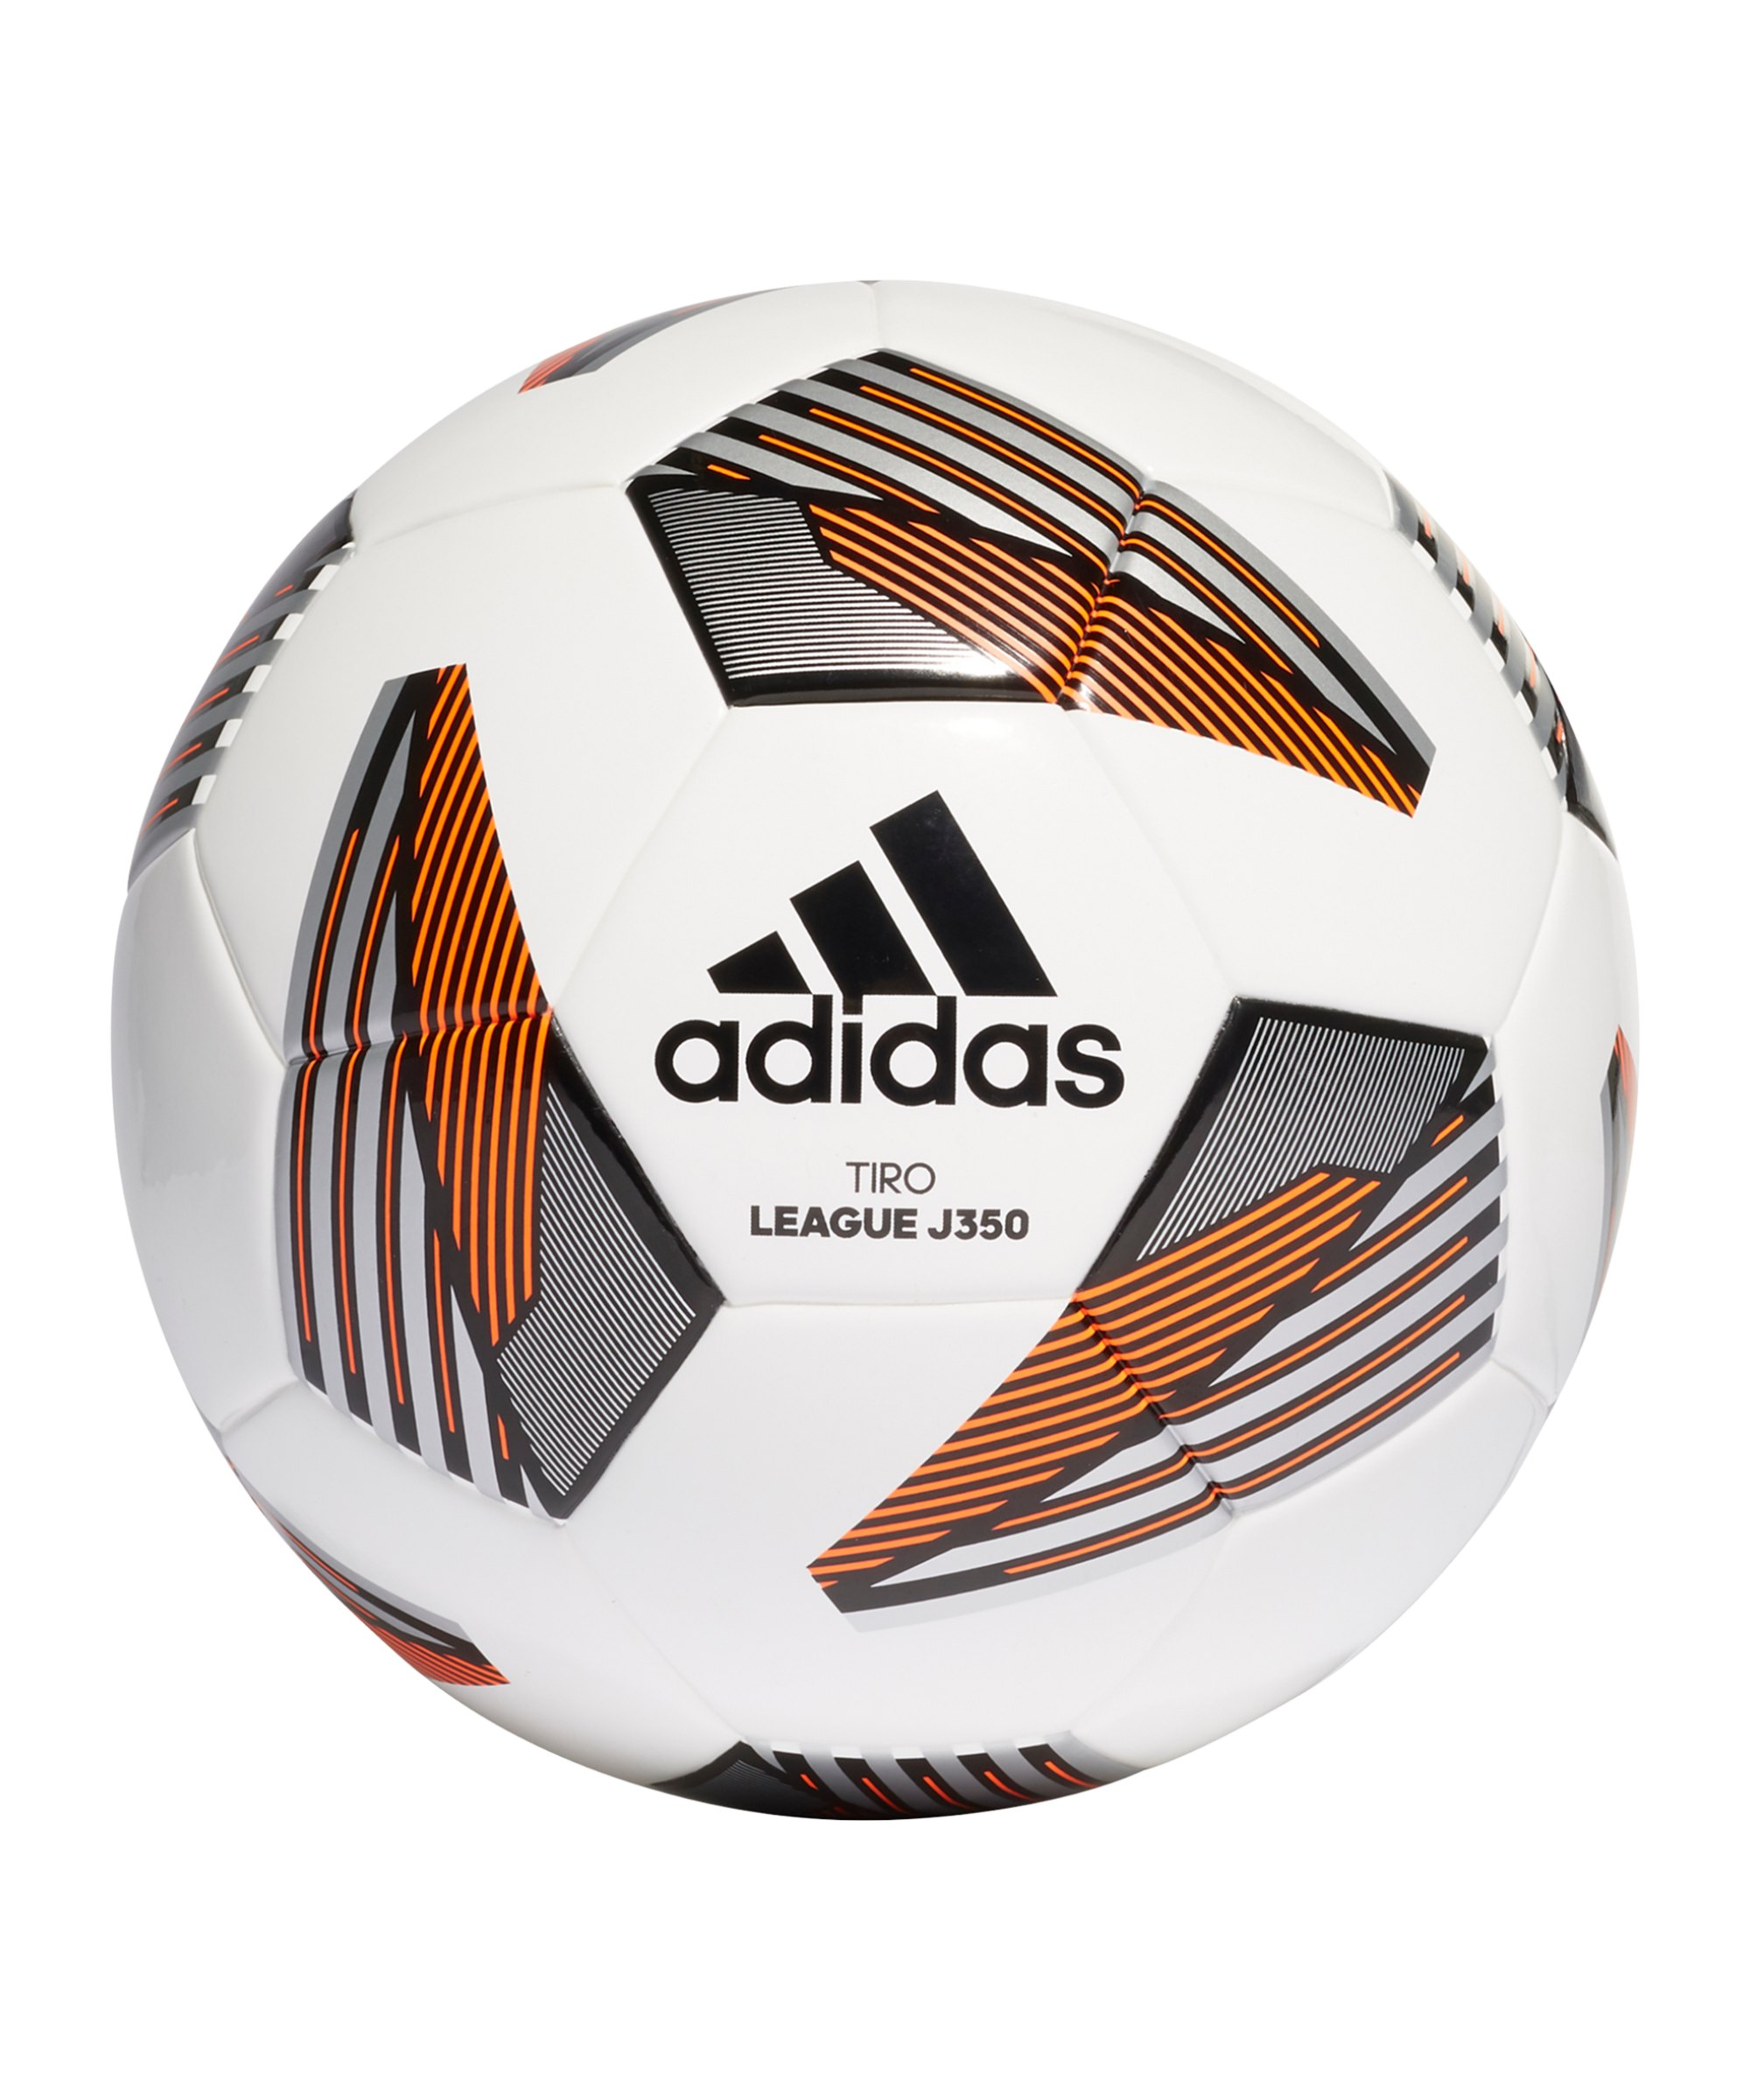 adidas Tiro Junior 350 Gramm Lightball Weiss - weiss